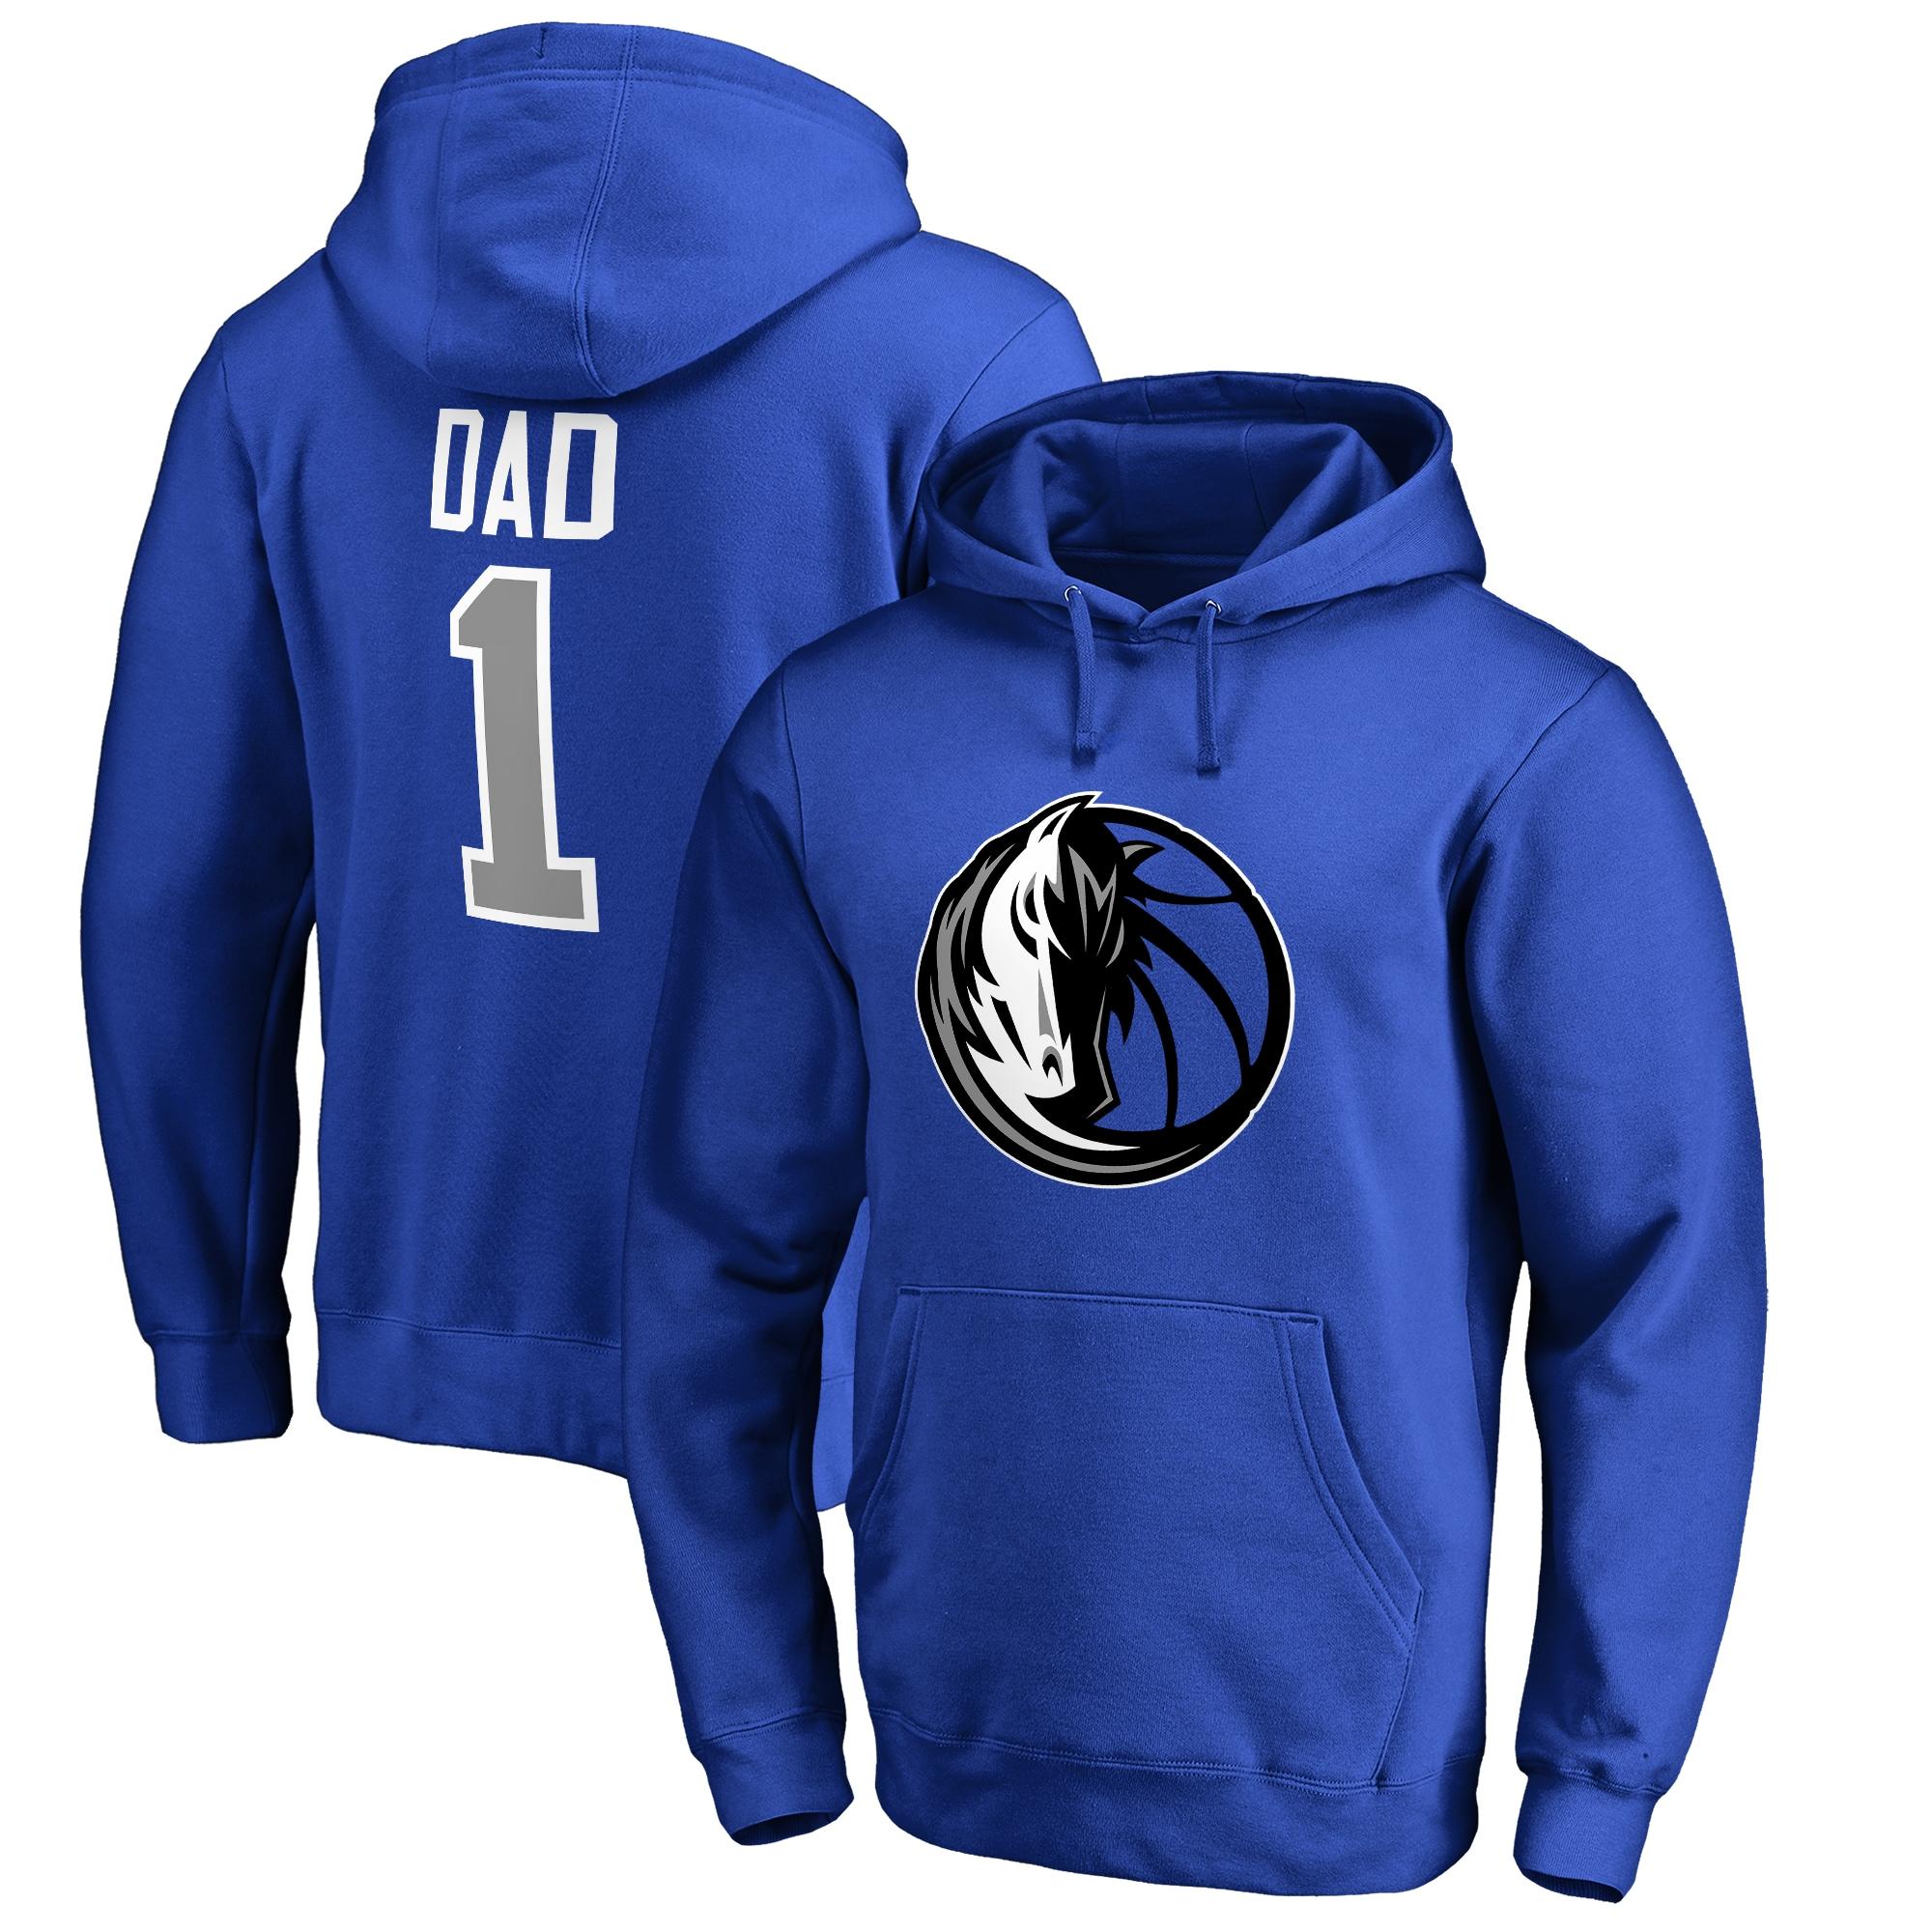 Dallas Mavericks Fanatics Branded Big & Tall #1 Dad Pullover Hoodie - Royal